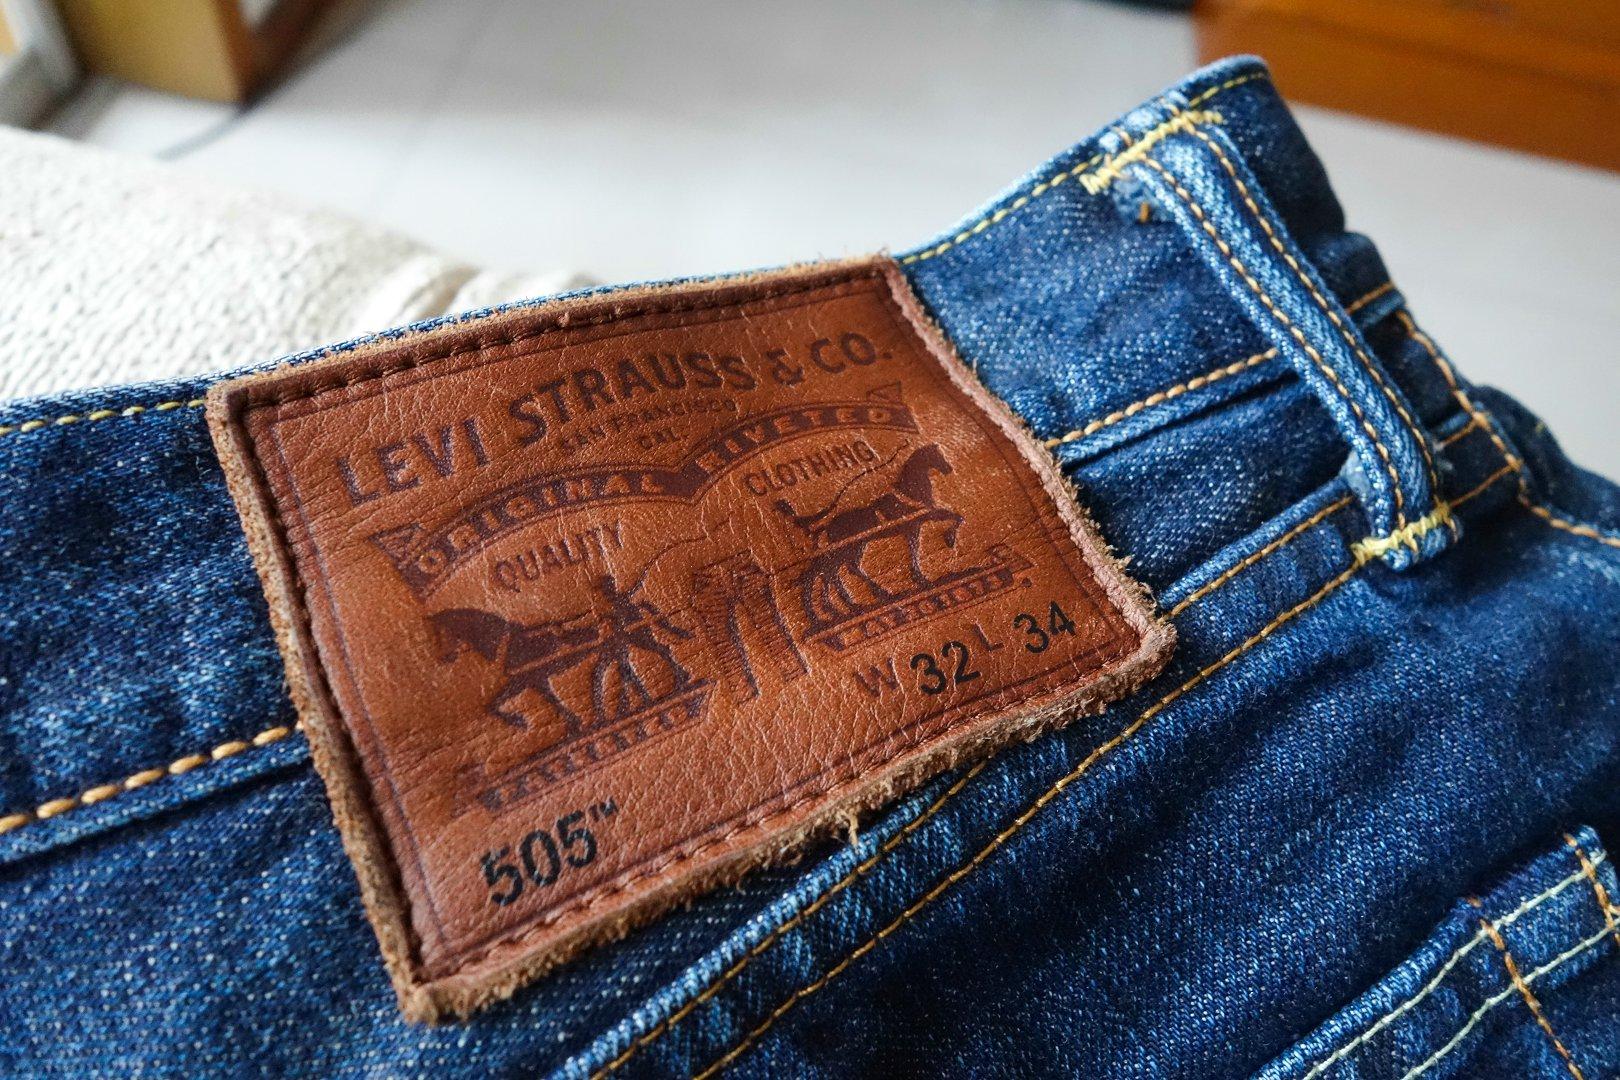 第二条牛仔裤-LEVI'S 505直筒86605-0008